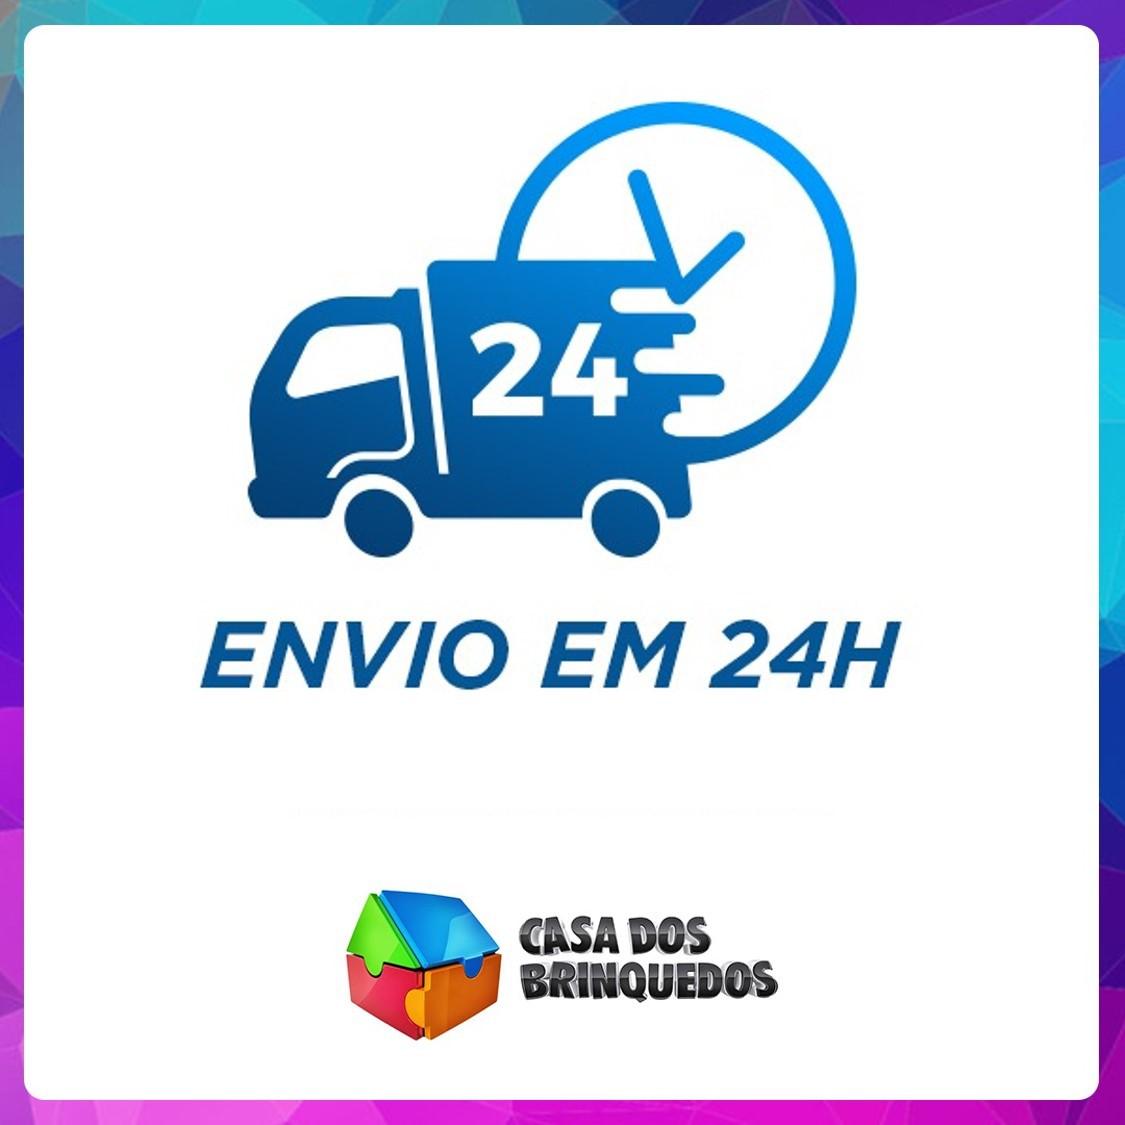 BONECO MARVEL CAPITÃO AMÉRICA 24CM E5579 HASBRO